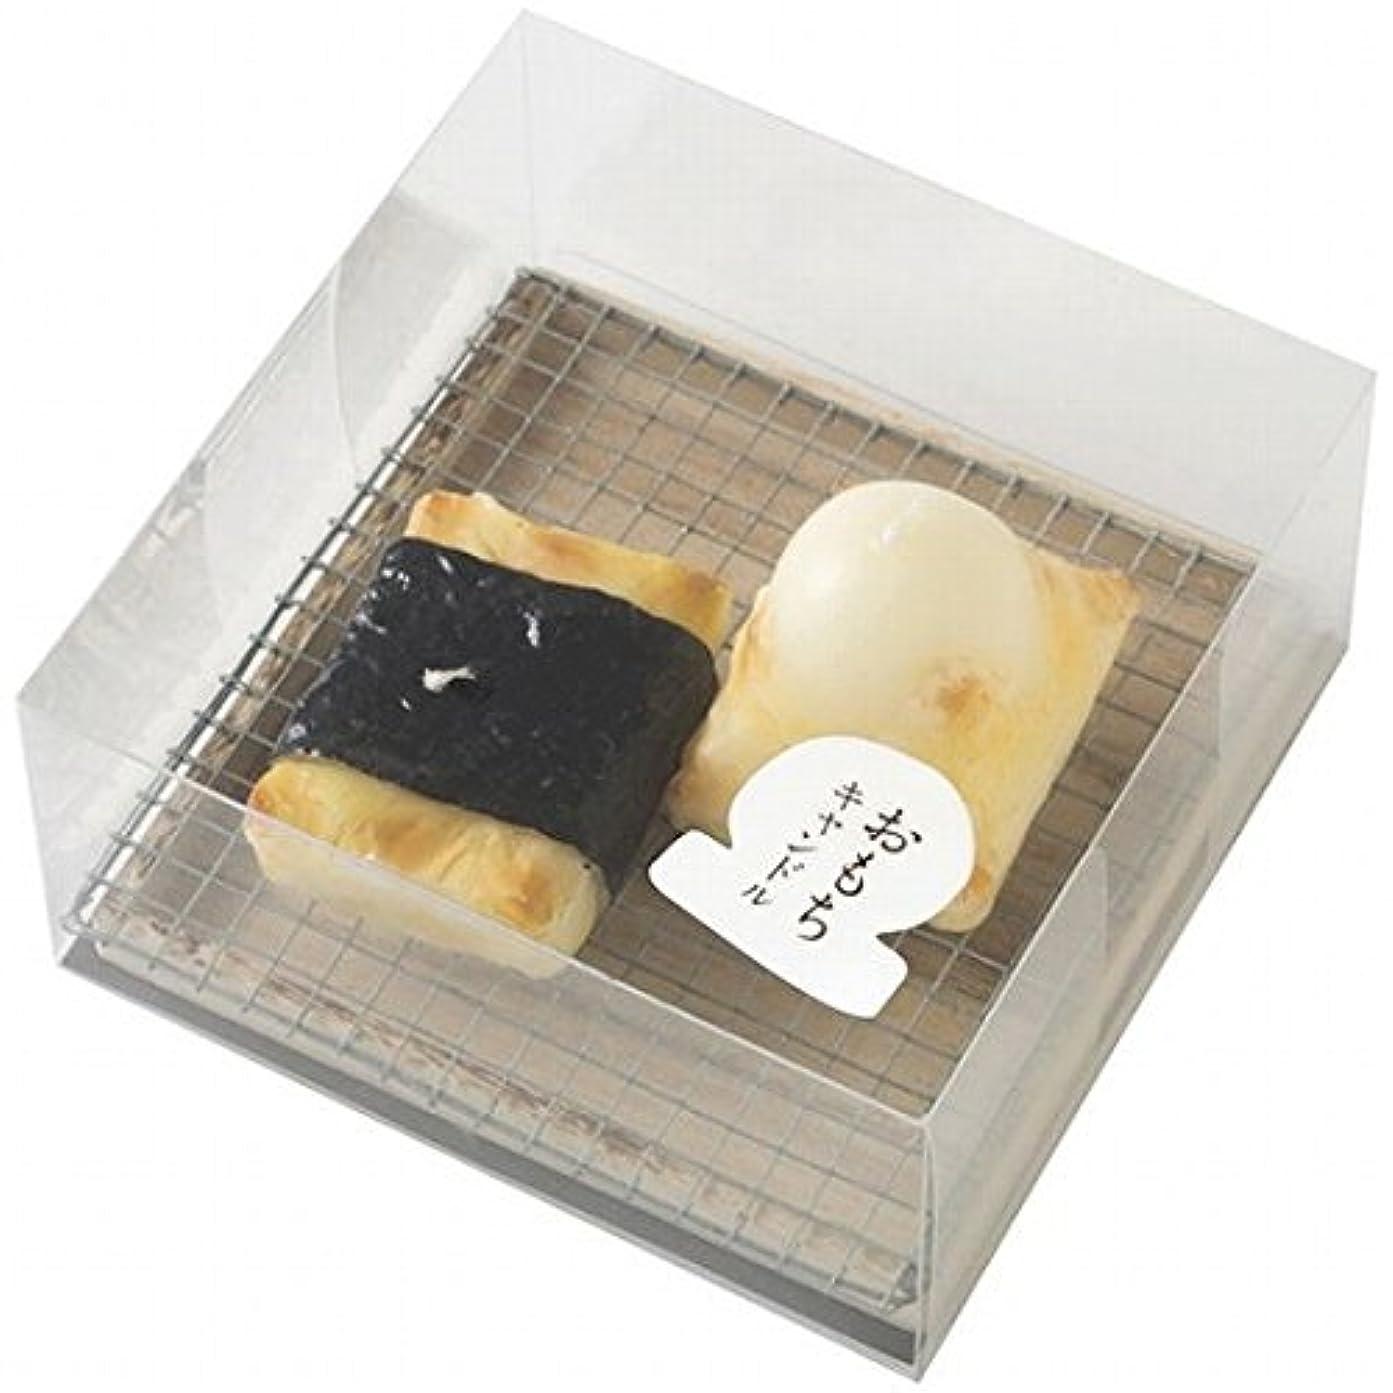 嫌がる明らかにパワーセルカメヤマキャンドル(kameyama candle) おもちキャンドル